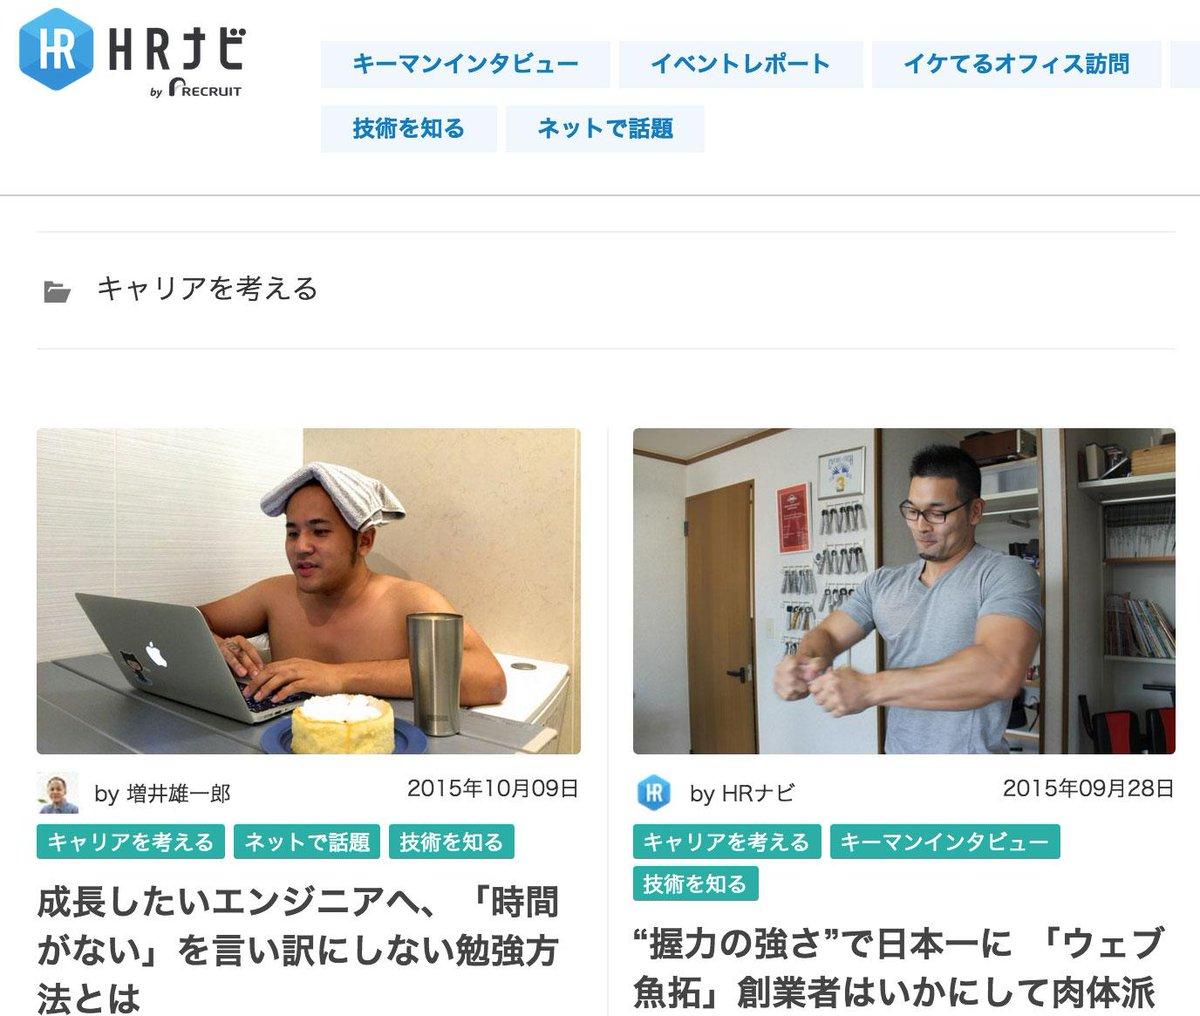 HRナビさんの「キャリアを考える」ページ何かがおかしい・・・ http://t.co/bVQBhRBdww http://t.co/OqC0MYulgG